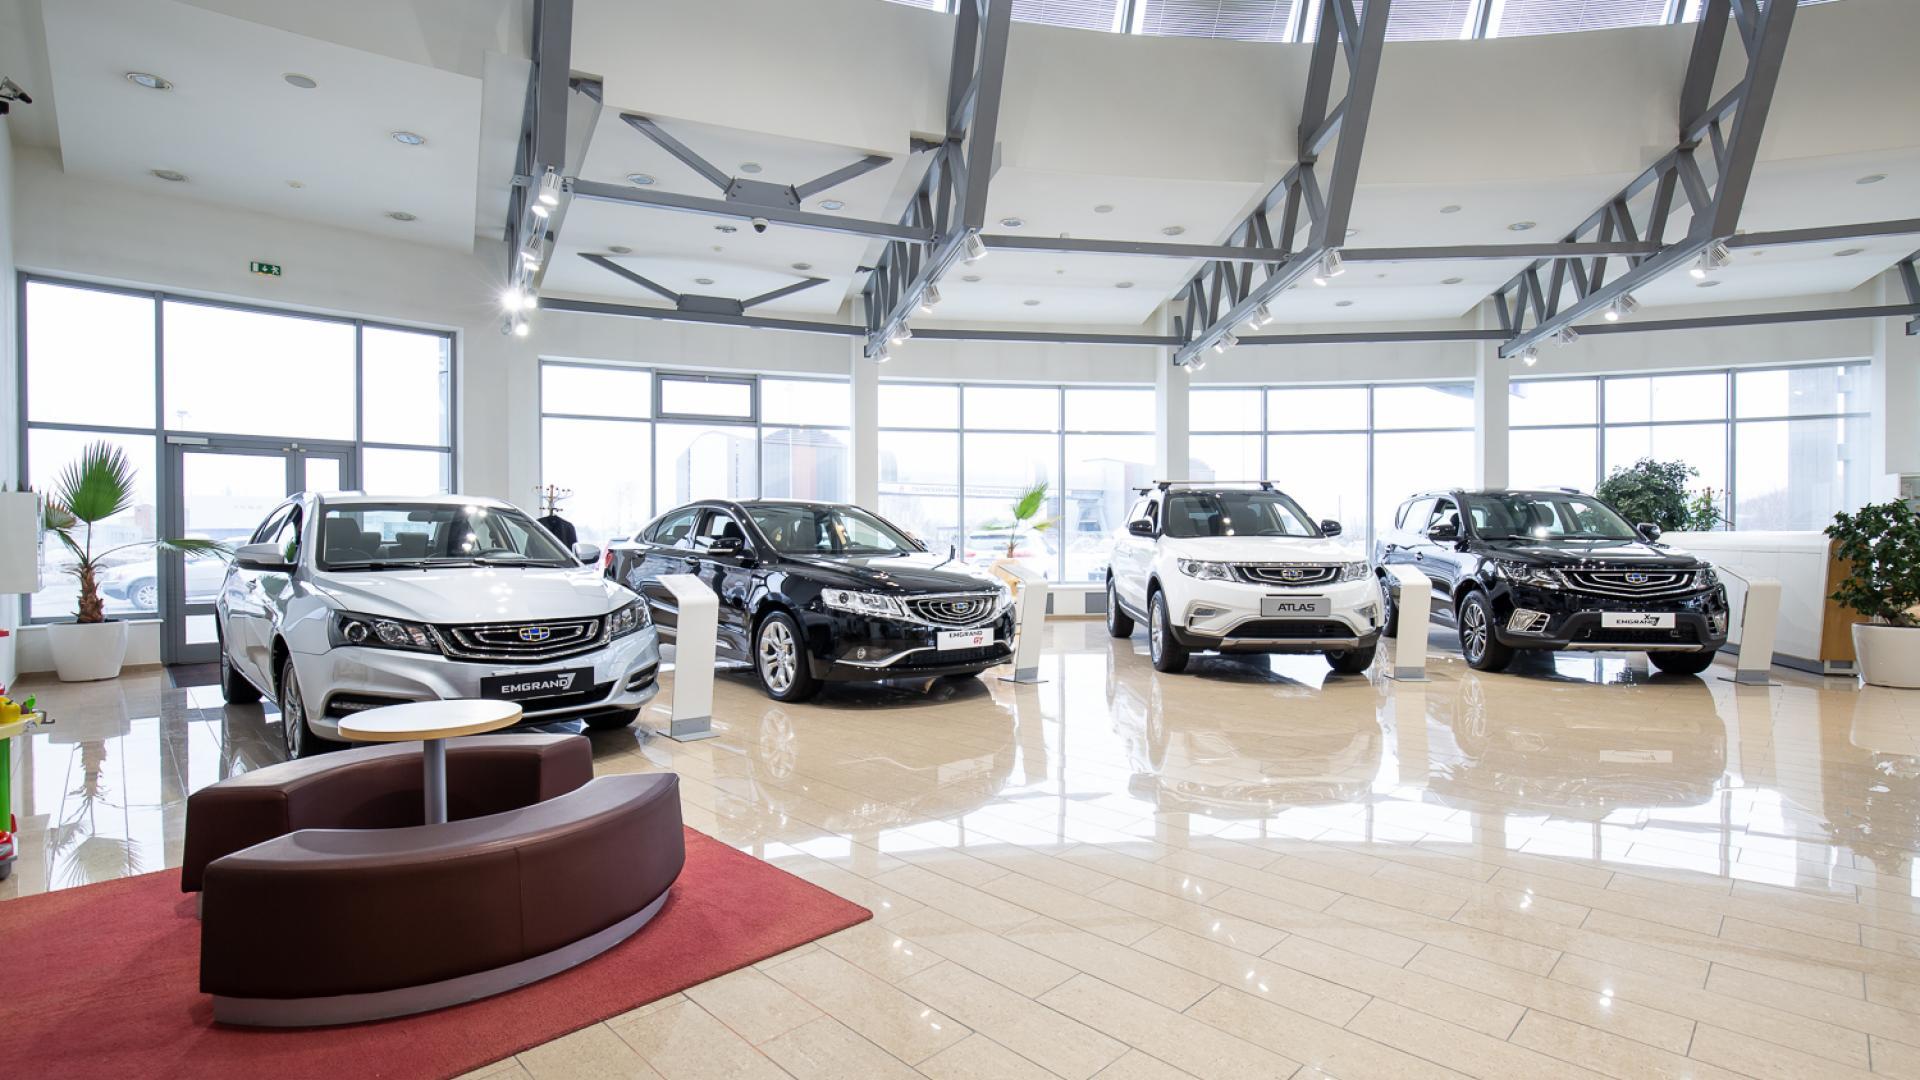 Автосалон урал москва продажа залоговый автомобилей